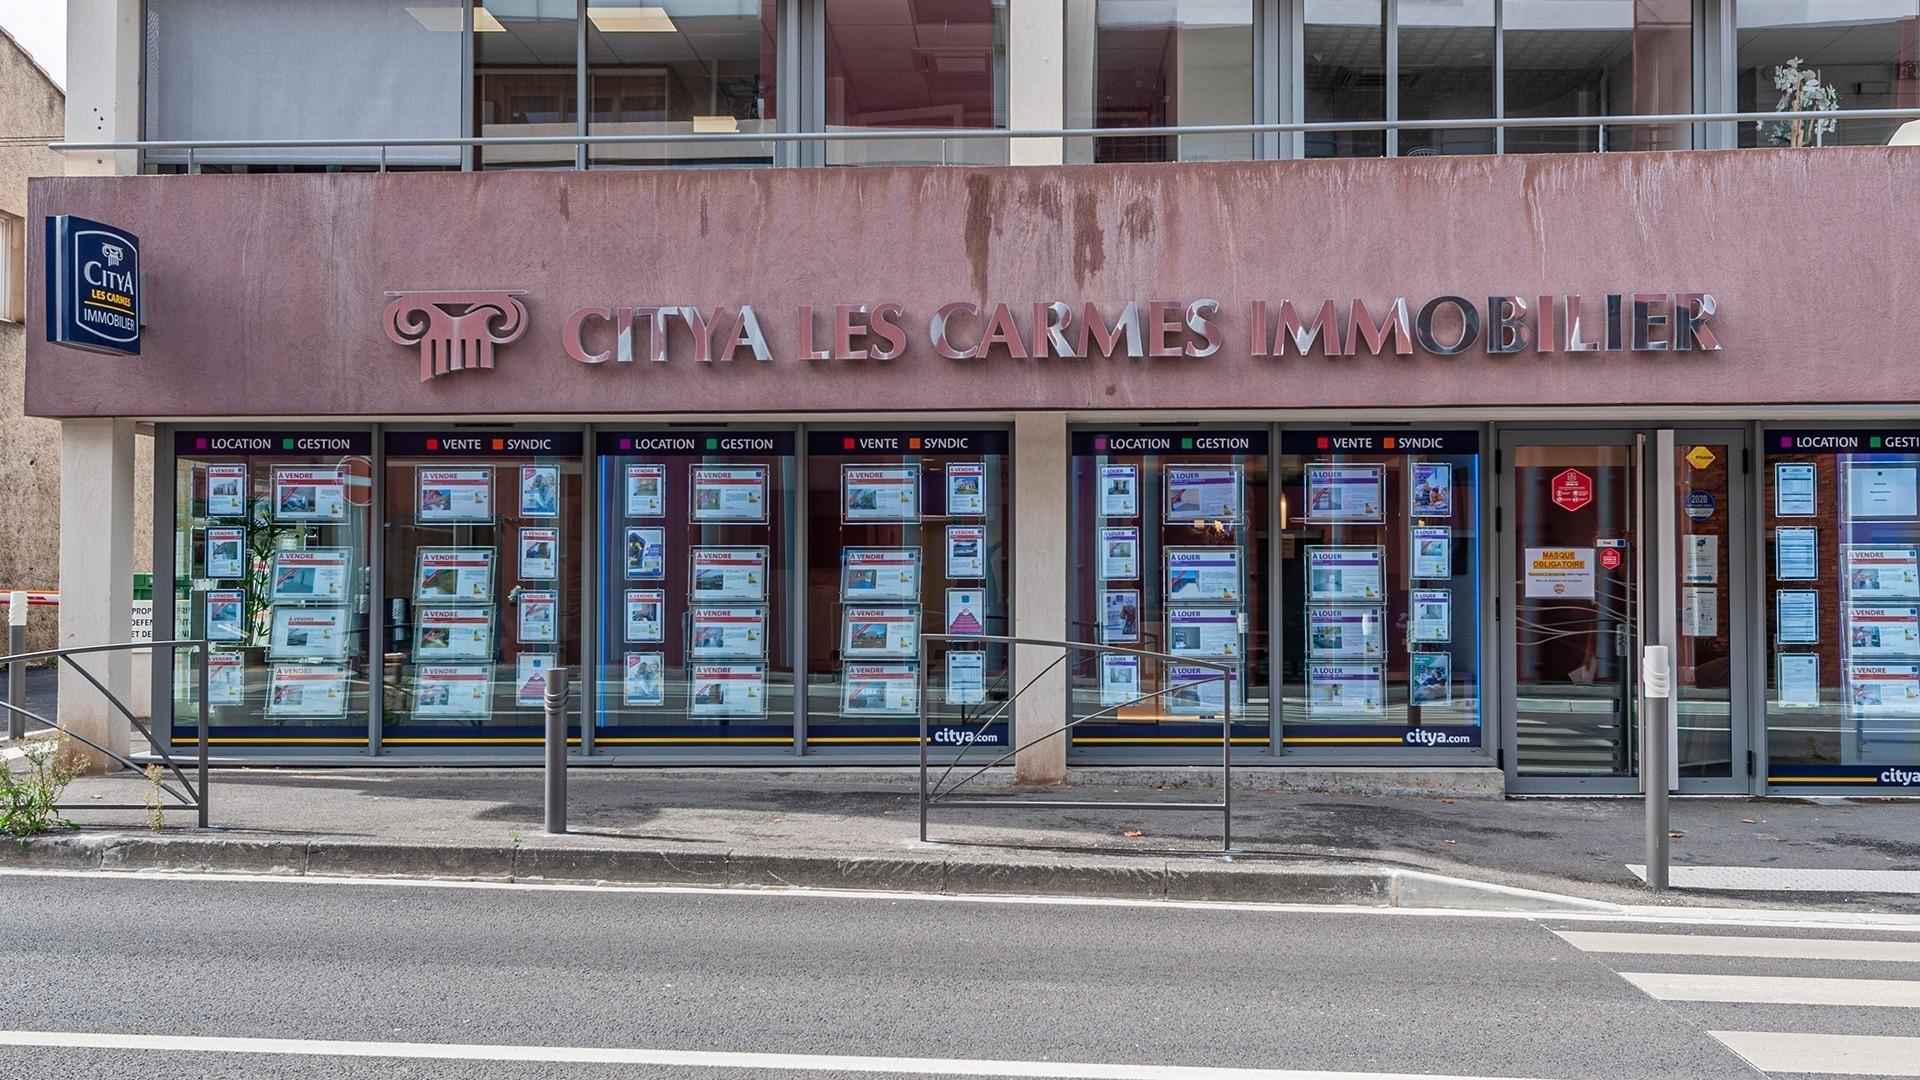 Agence immo Citya Les Carmes